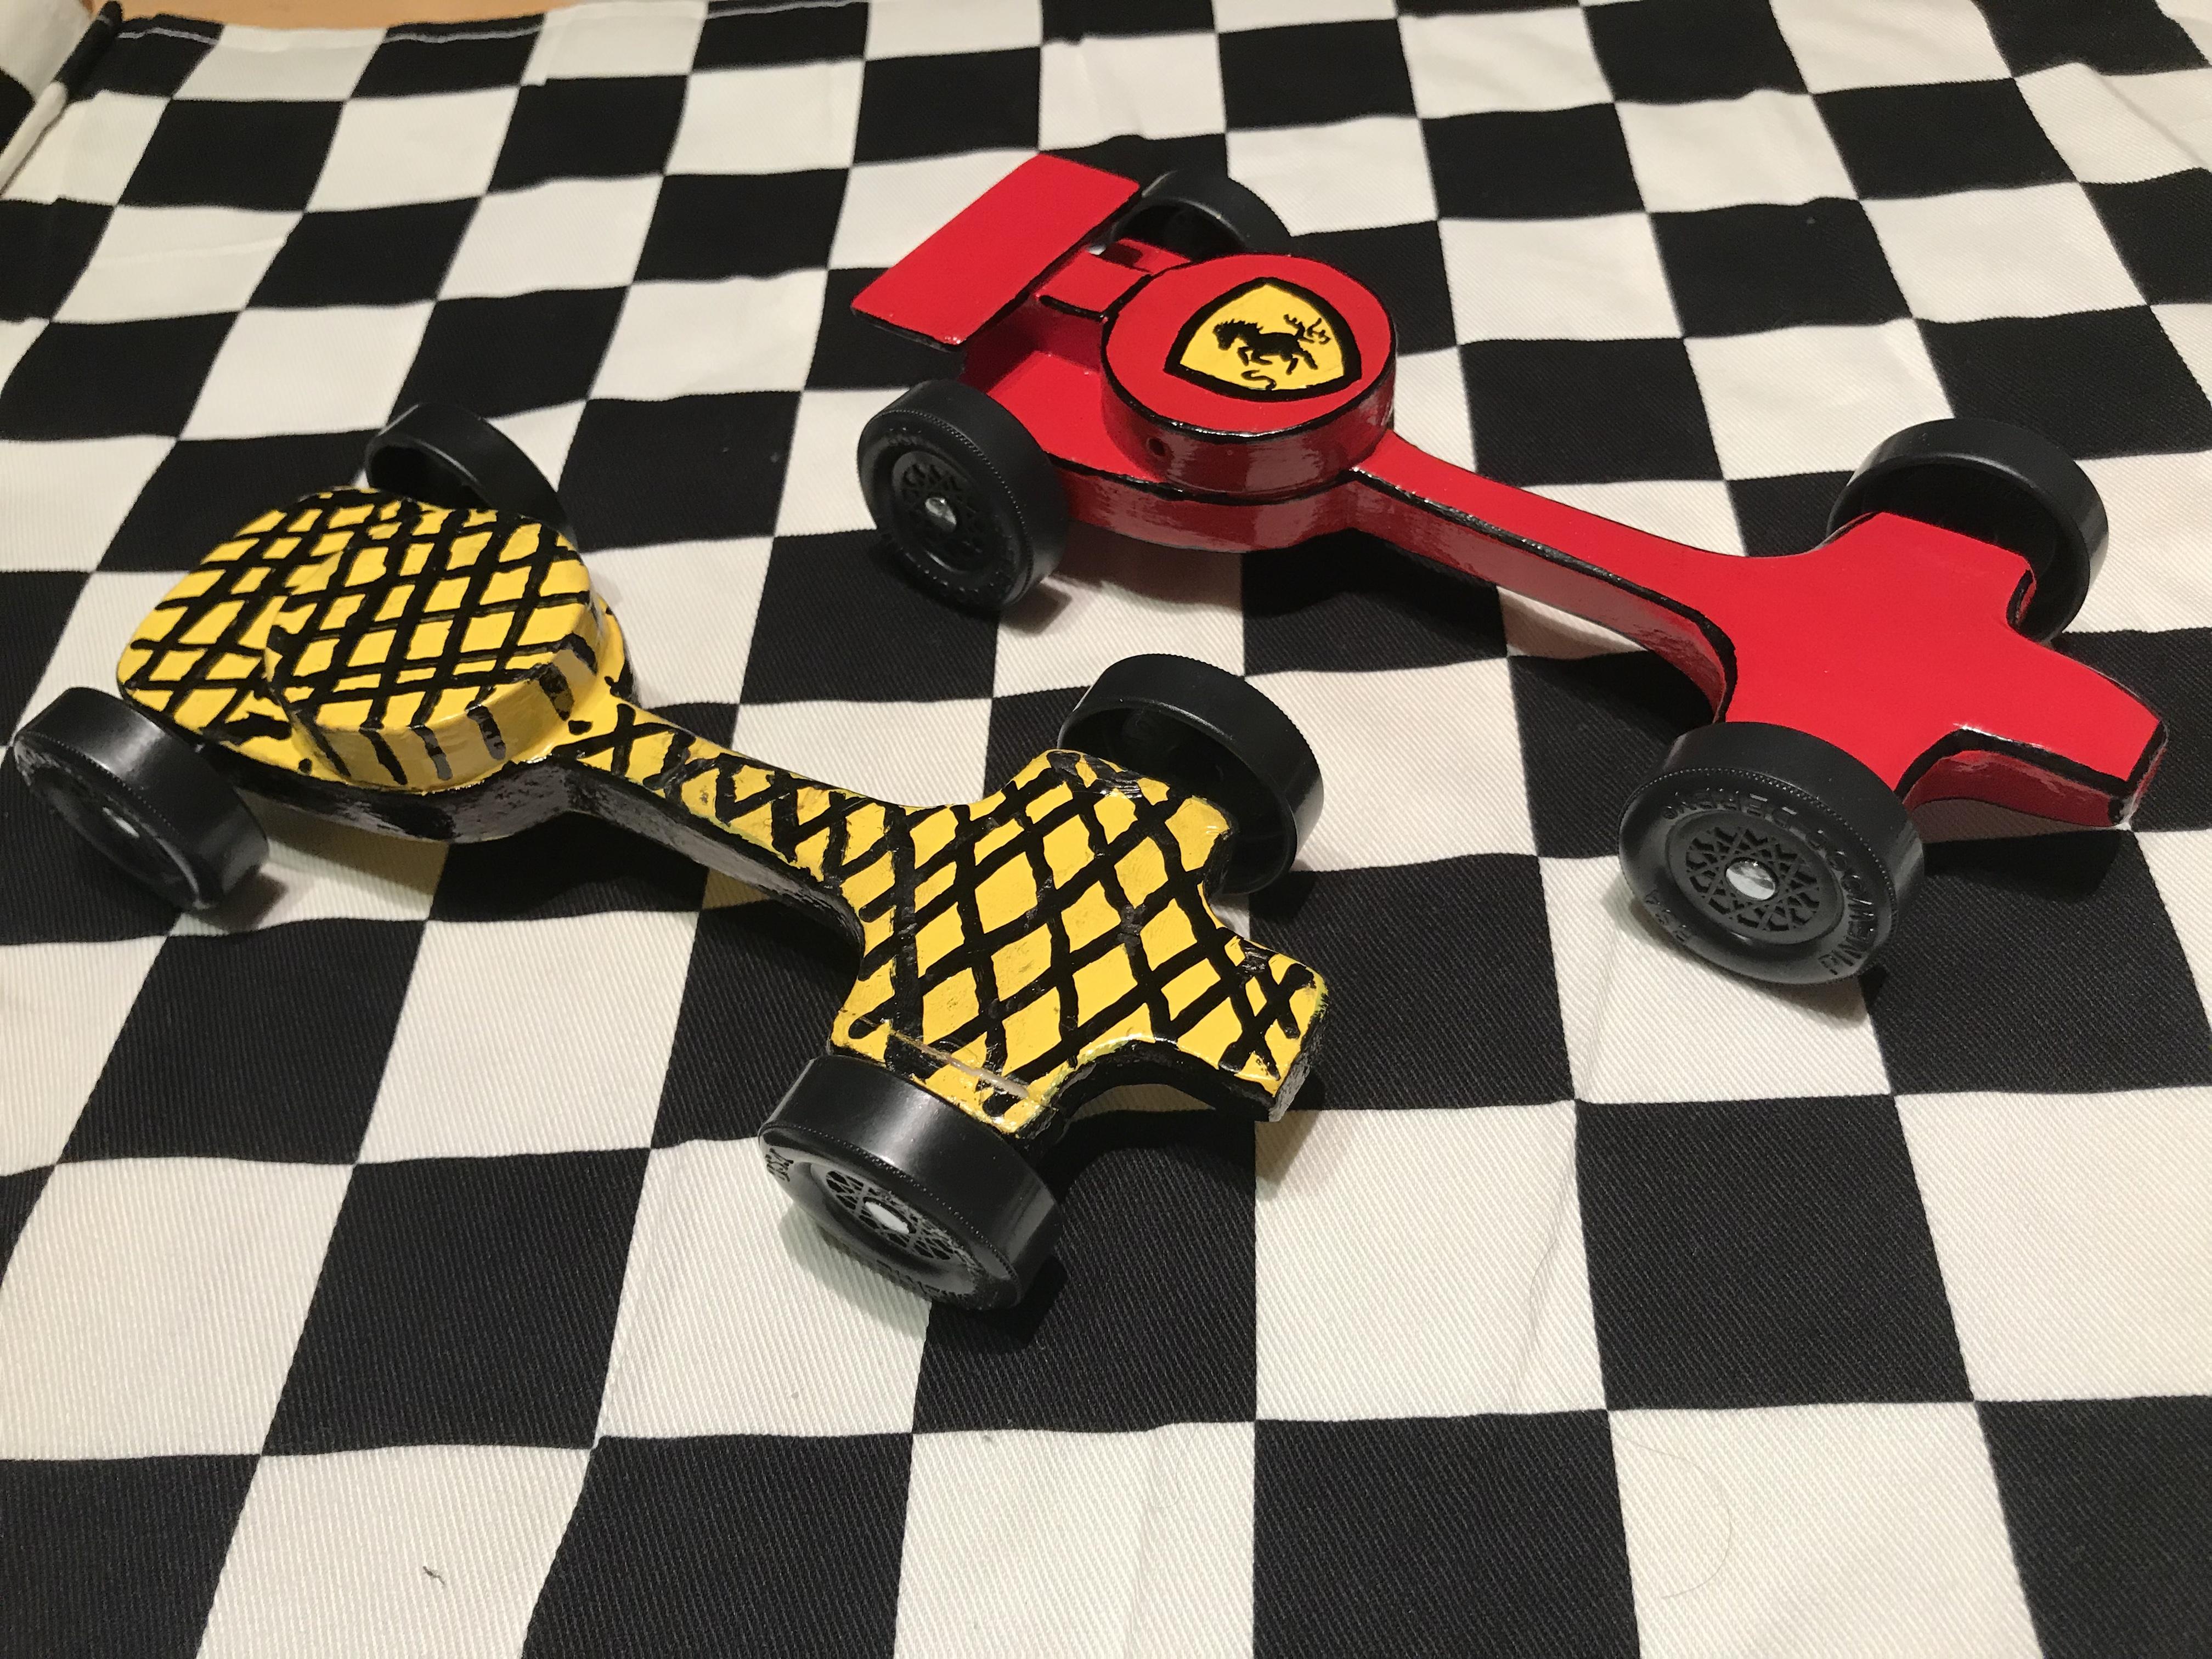 Ferrari vs Green Hornet